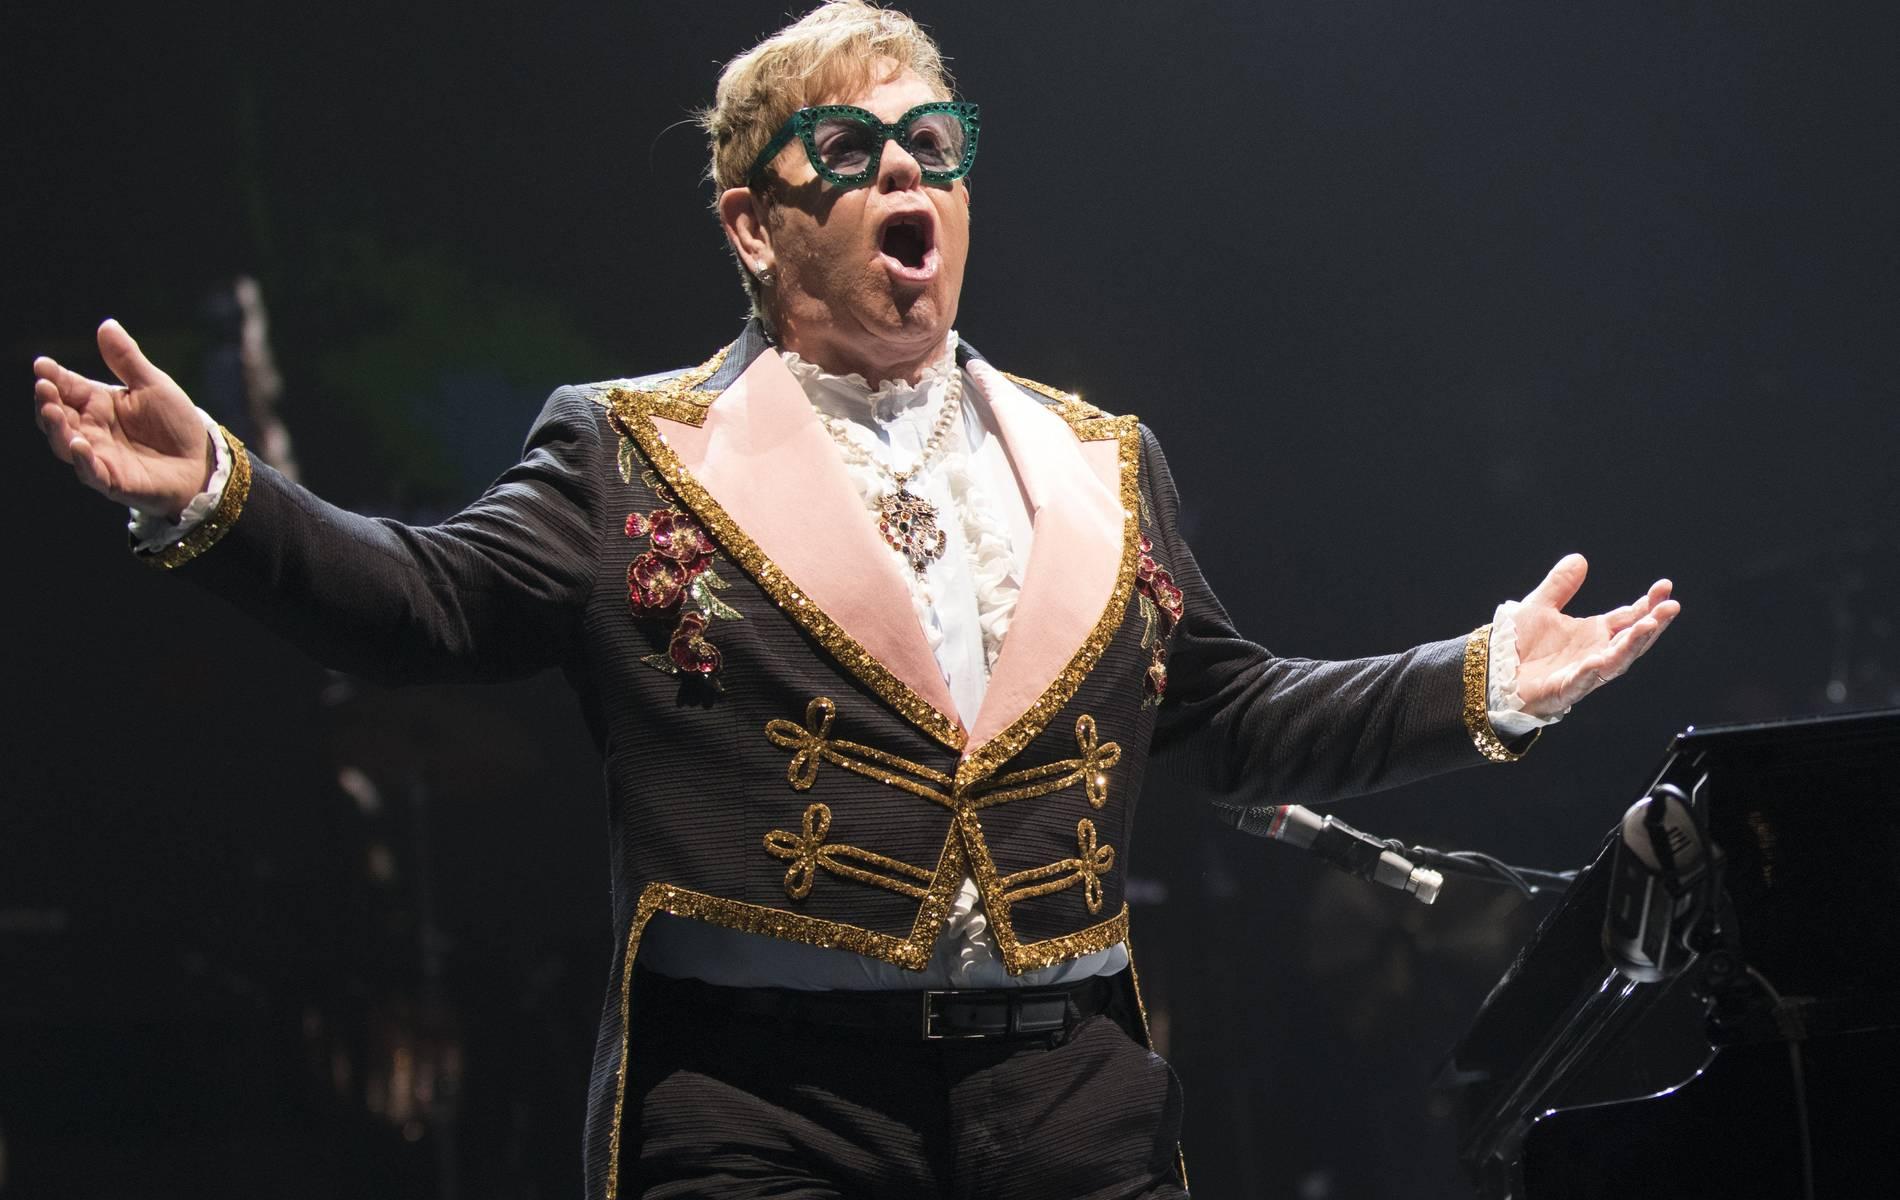 Weihnachtsspot mit Elton John rührt viele Internet-Nutzer